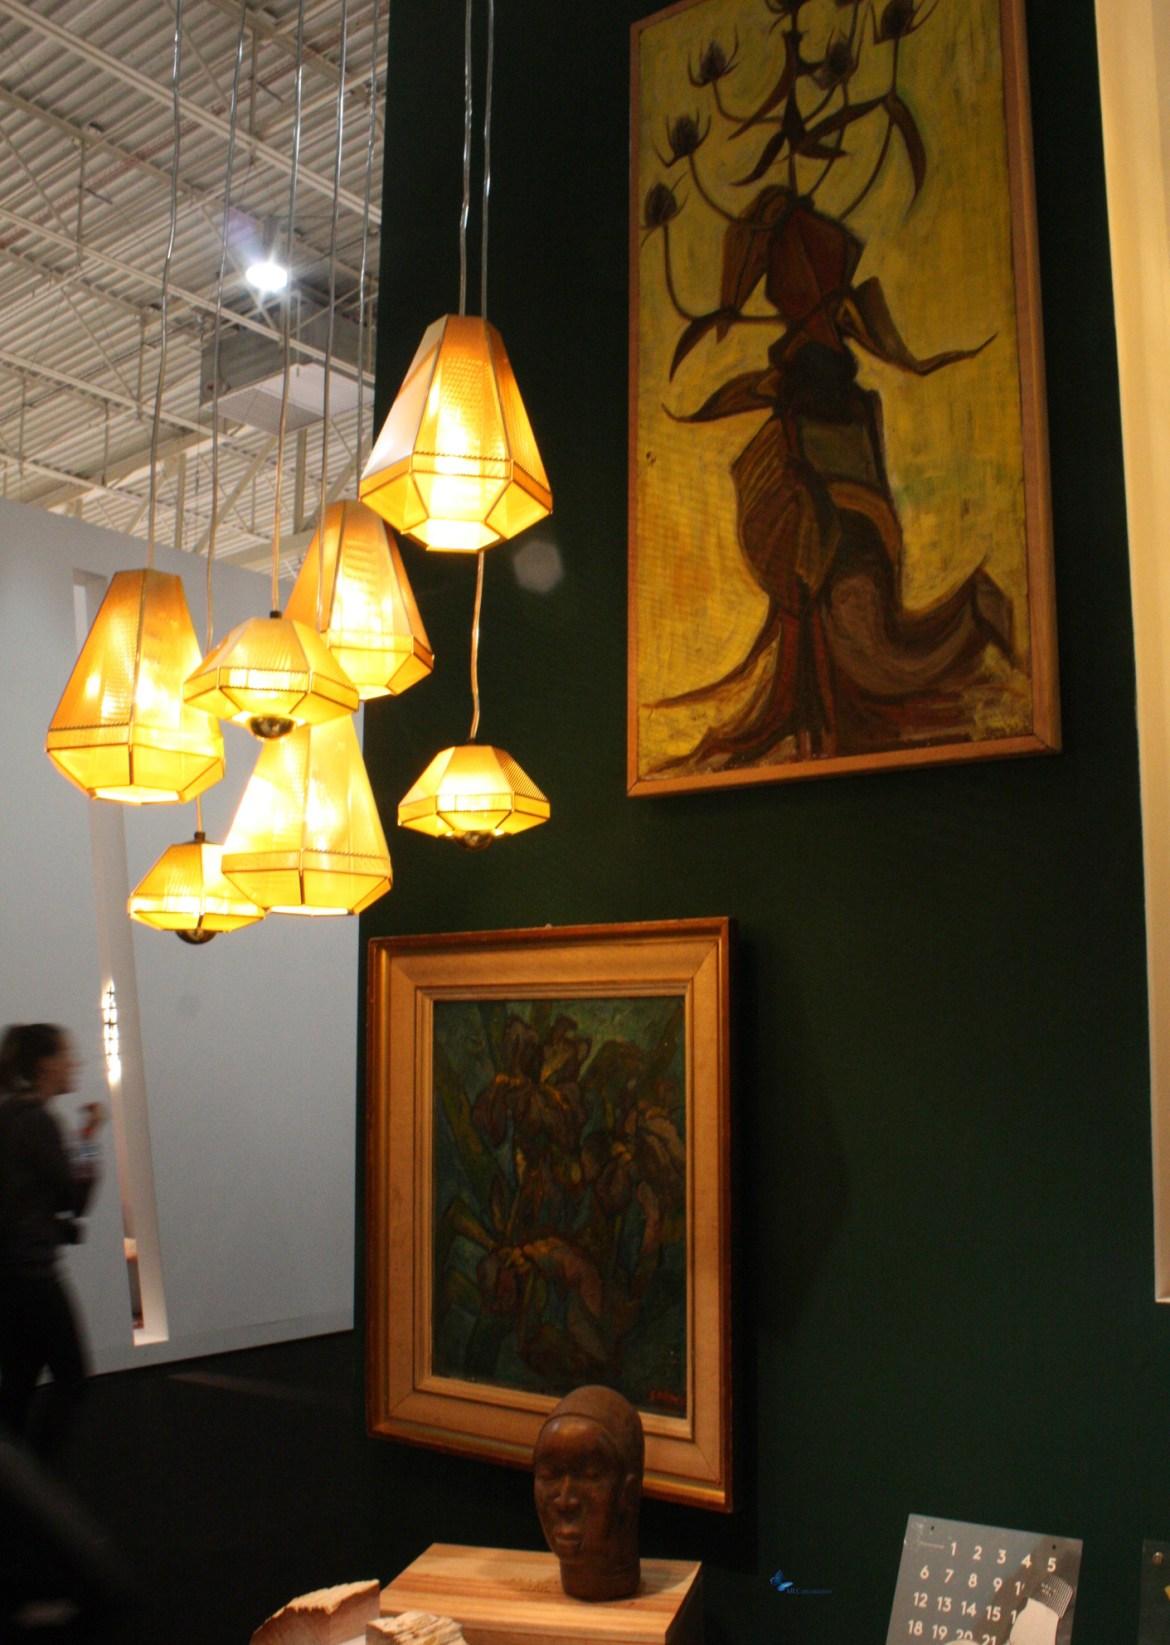 luminaires pyramides Tom Dixon